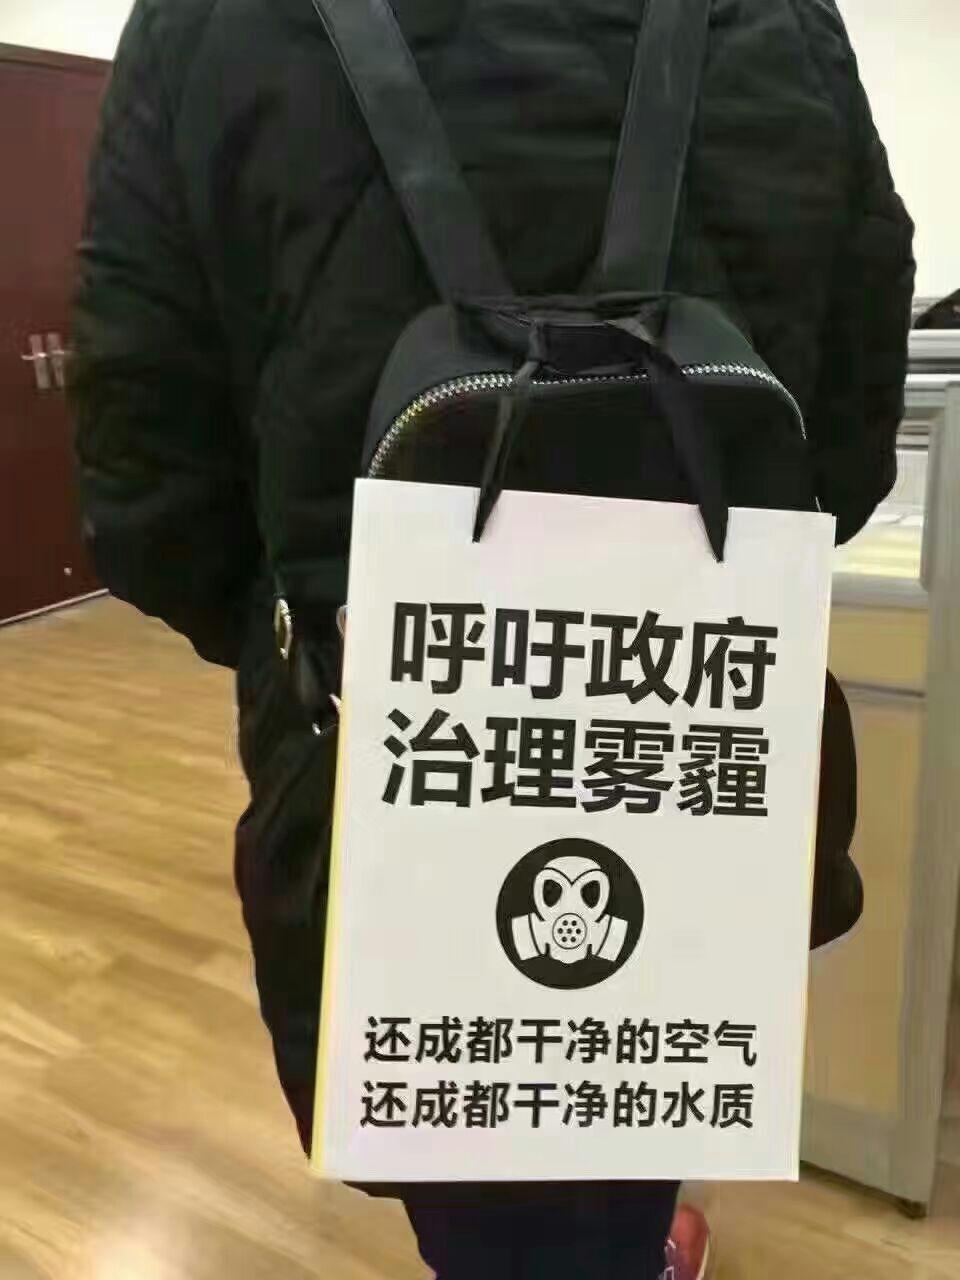 网民呼吁中国政府治理雾霾。(志愿者提供/记者乔龙)